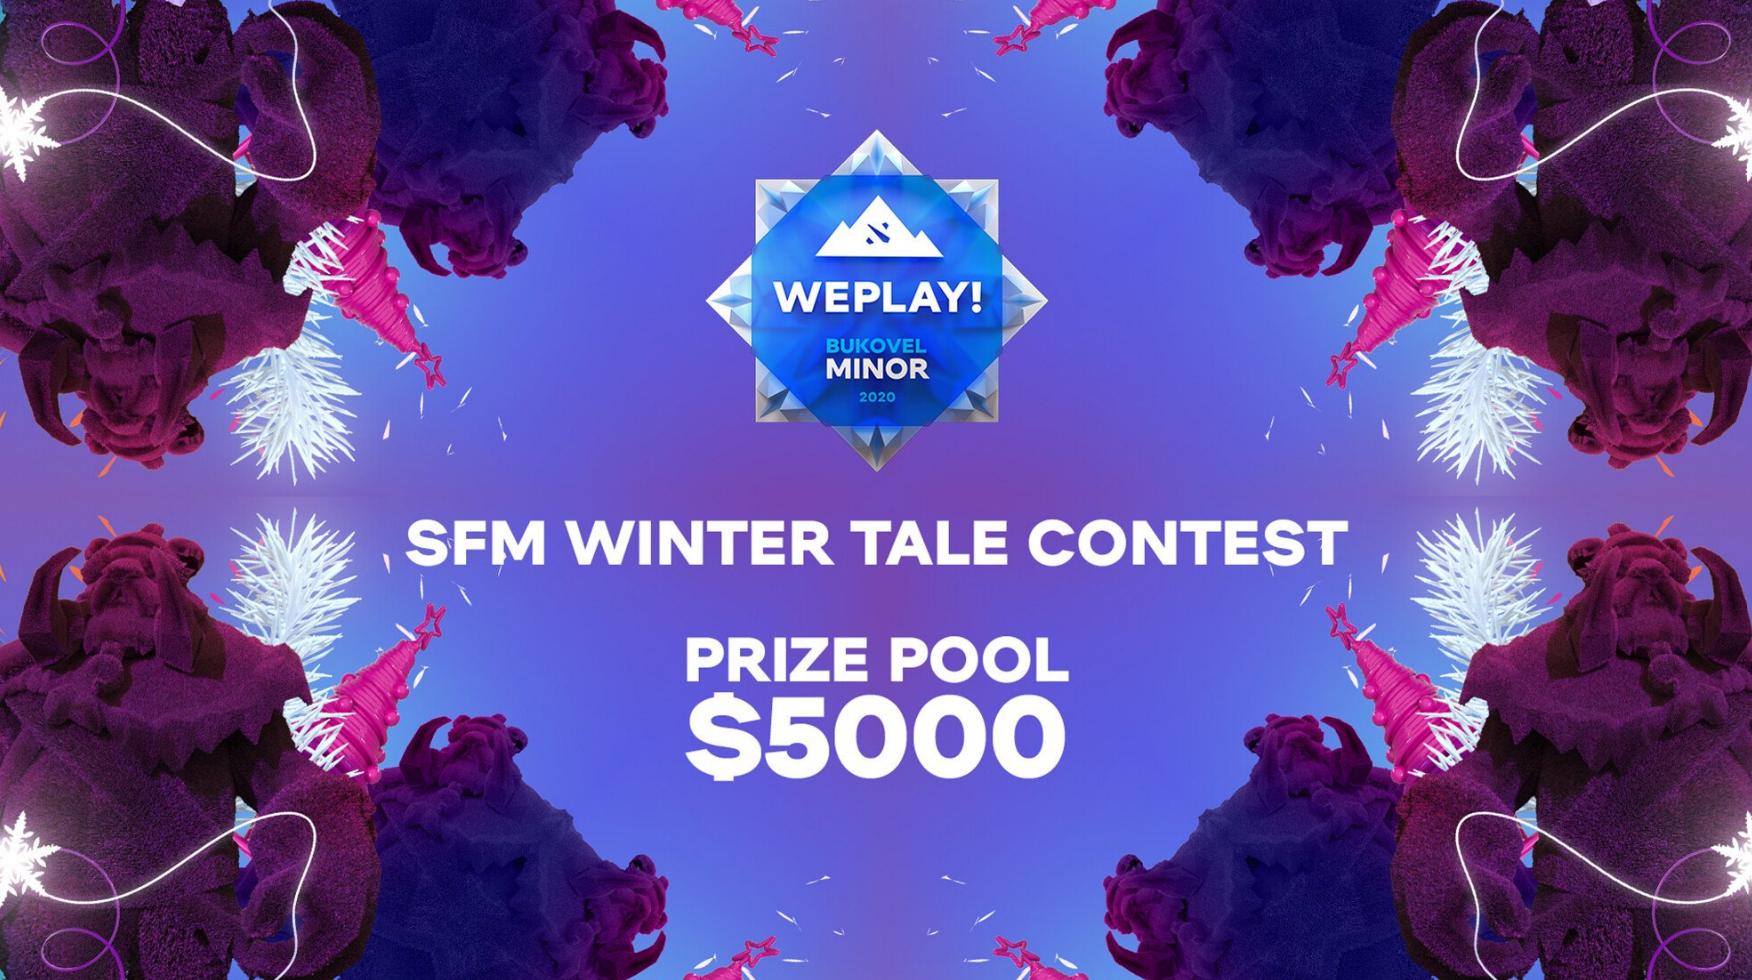 SFM Winter Tale Contest